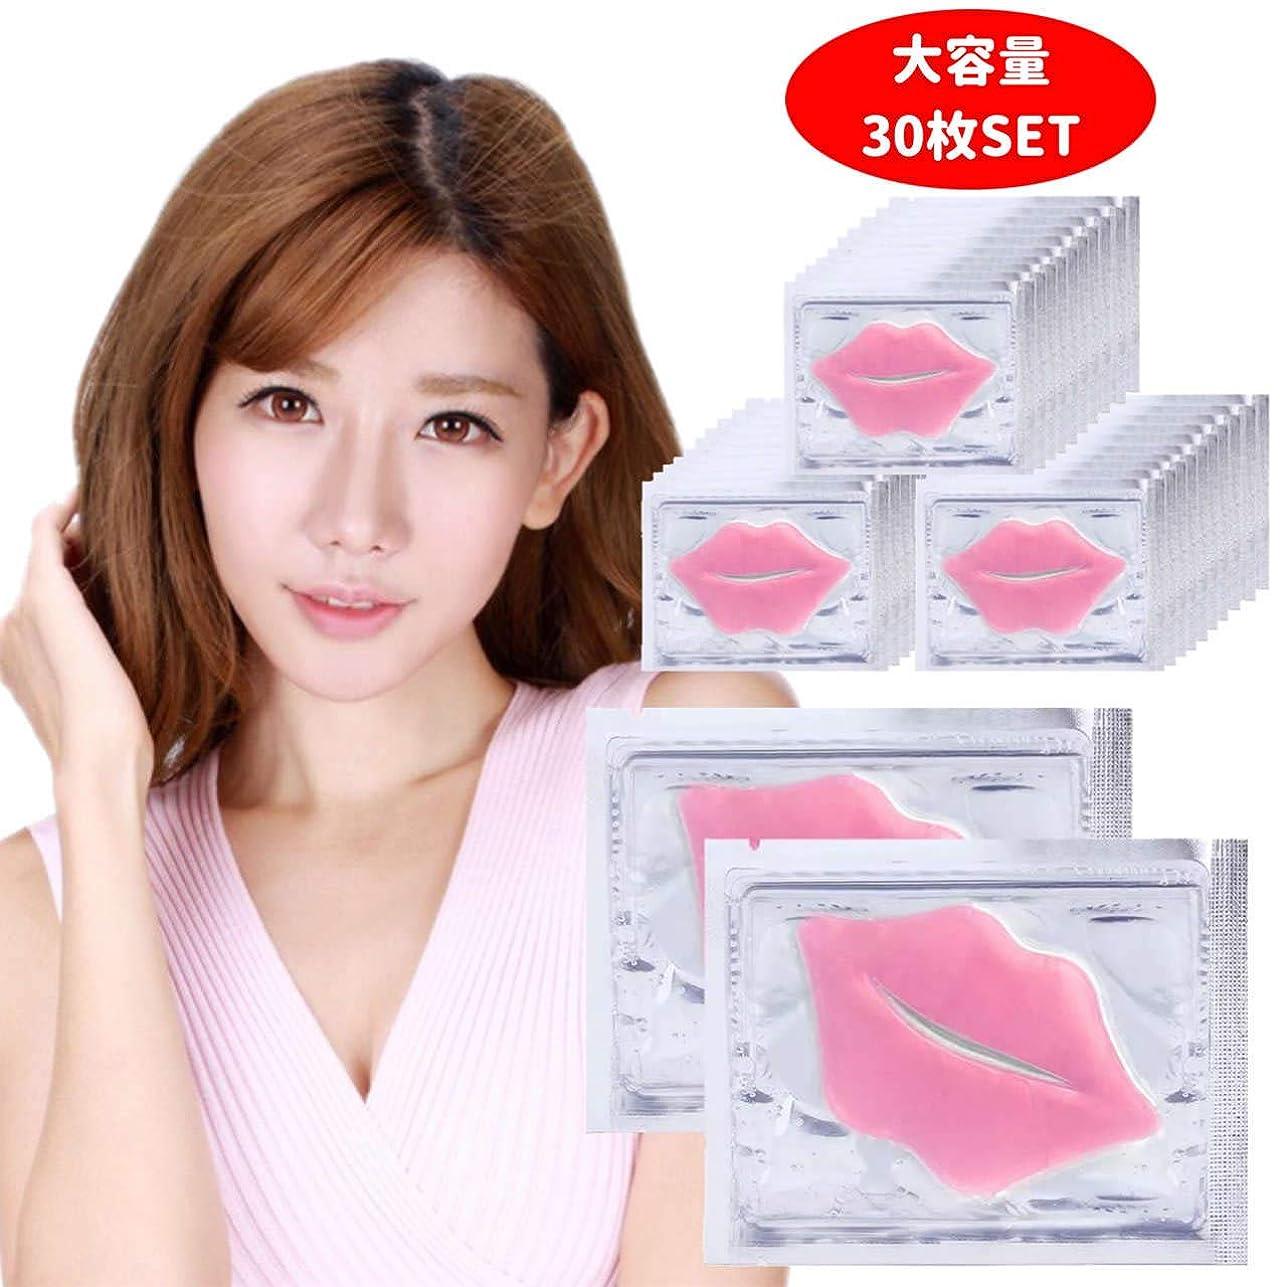 気球証人心理的大人気 韓国コスメ クリスタルコラーゲンリップマスク リップパック 大人気のリップケア商品 大容量の30枚セット 唇の保湿、輝き、潤い、憧れの唇へ ぷるぷると輝くキスしたくなる唇へ